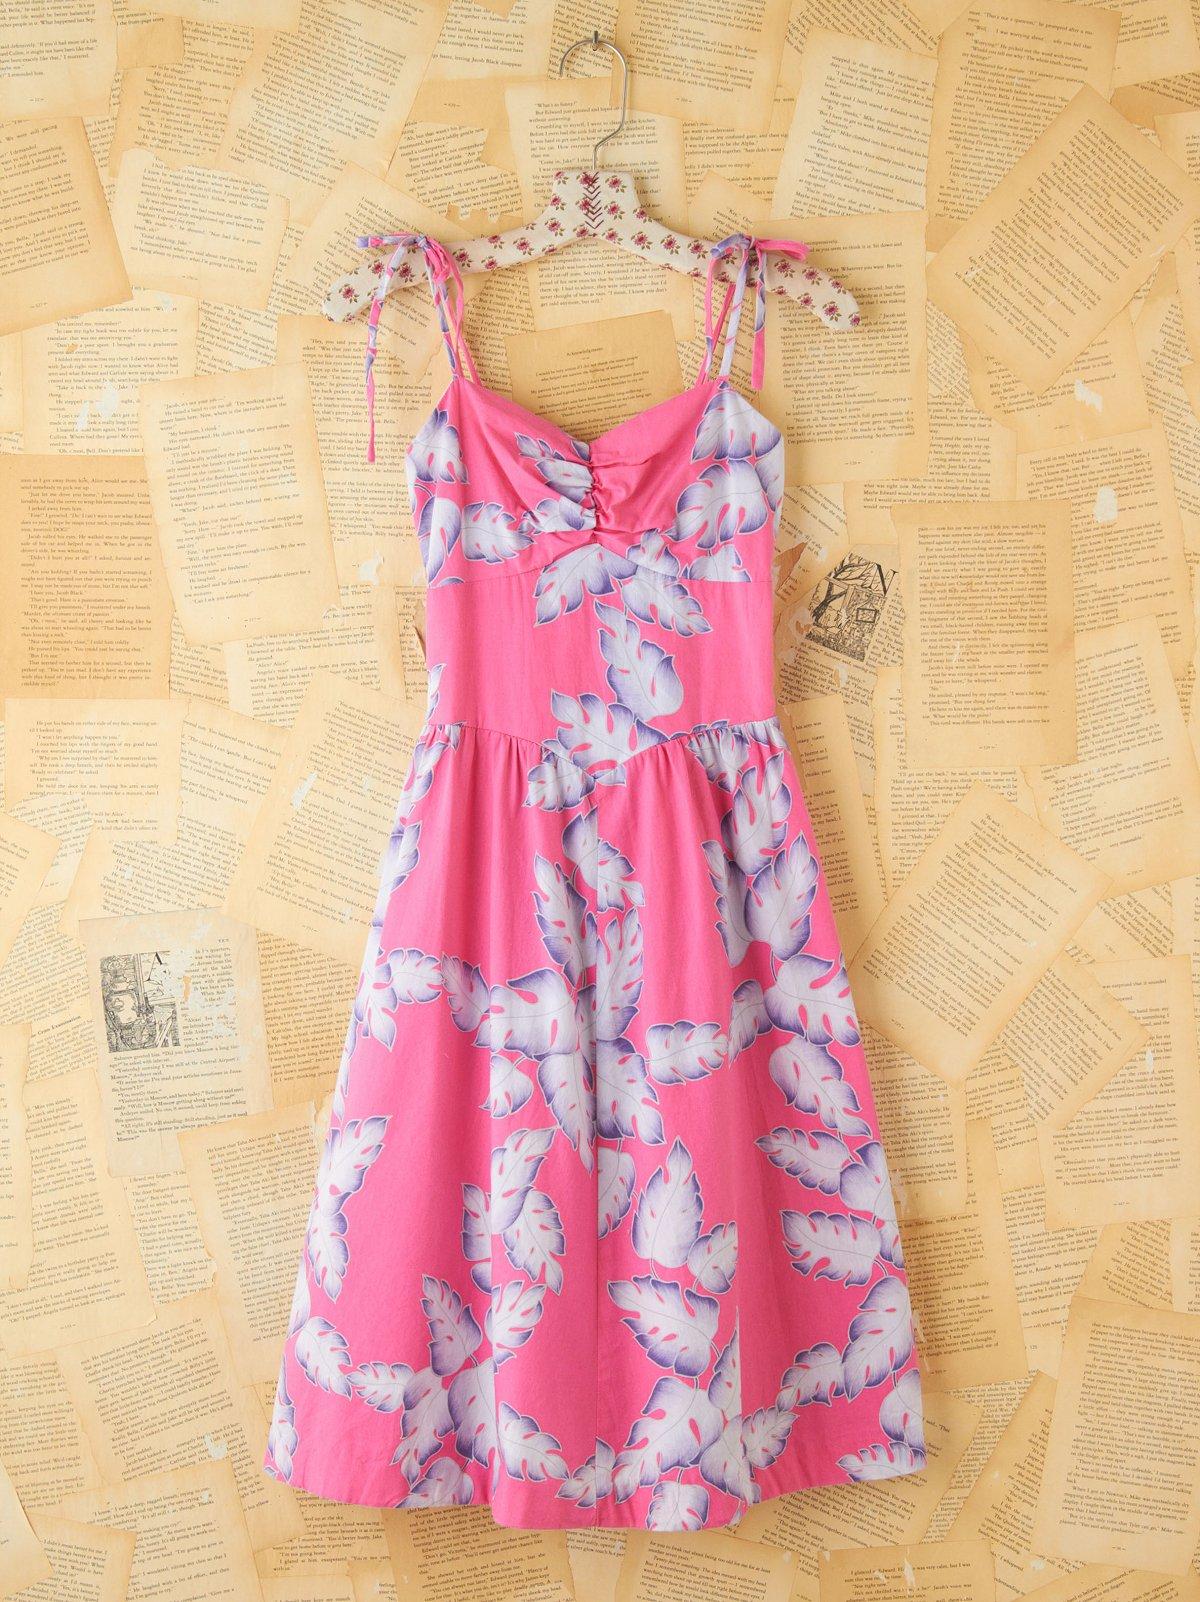 Vintage Tropical Printed Dress